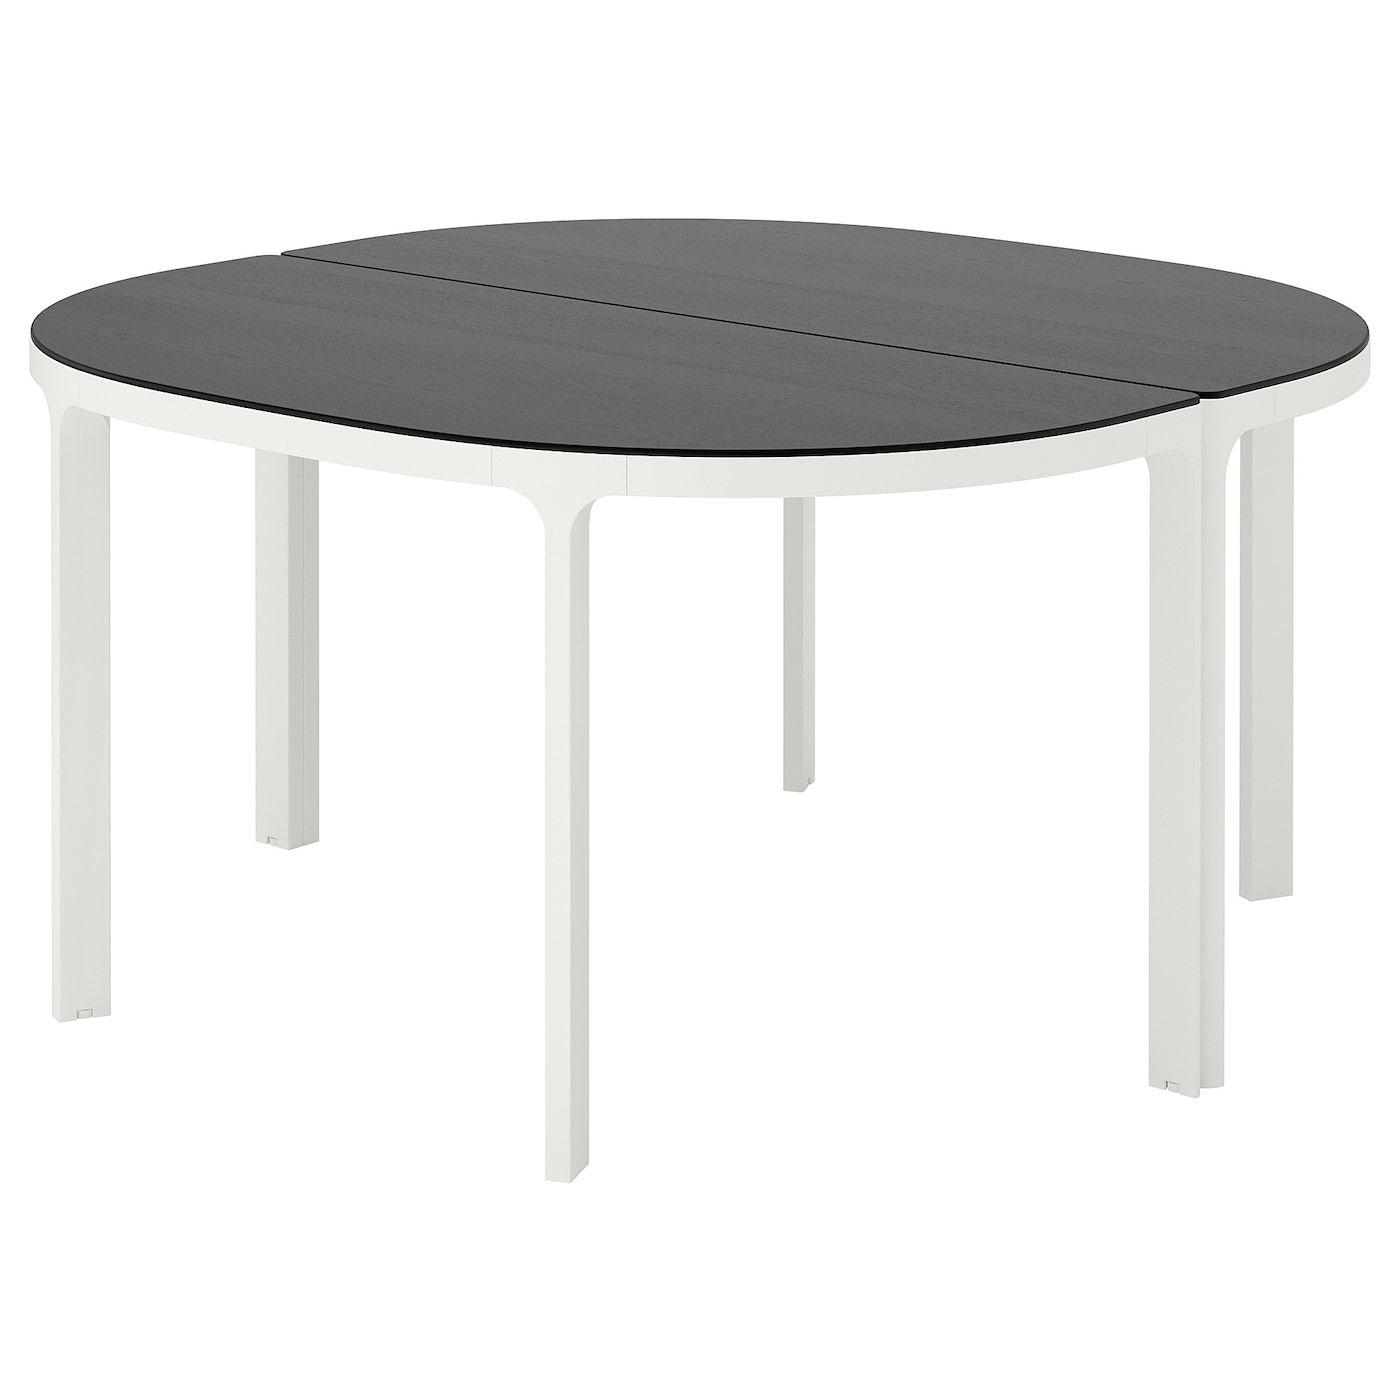 Computertisch Stehpult Gunstig Online Kaufen Ikea Deutschland